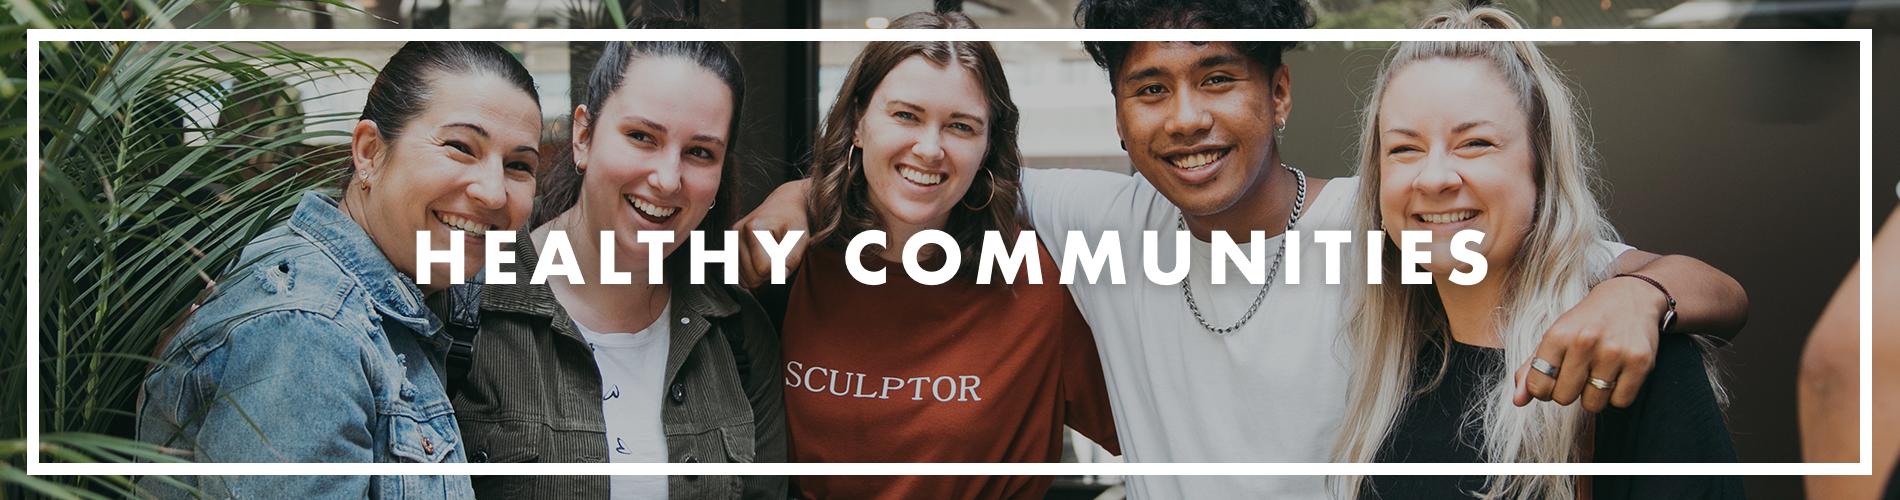 Healthy Communities Header